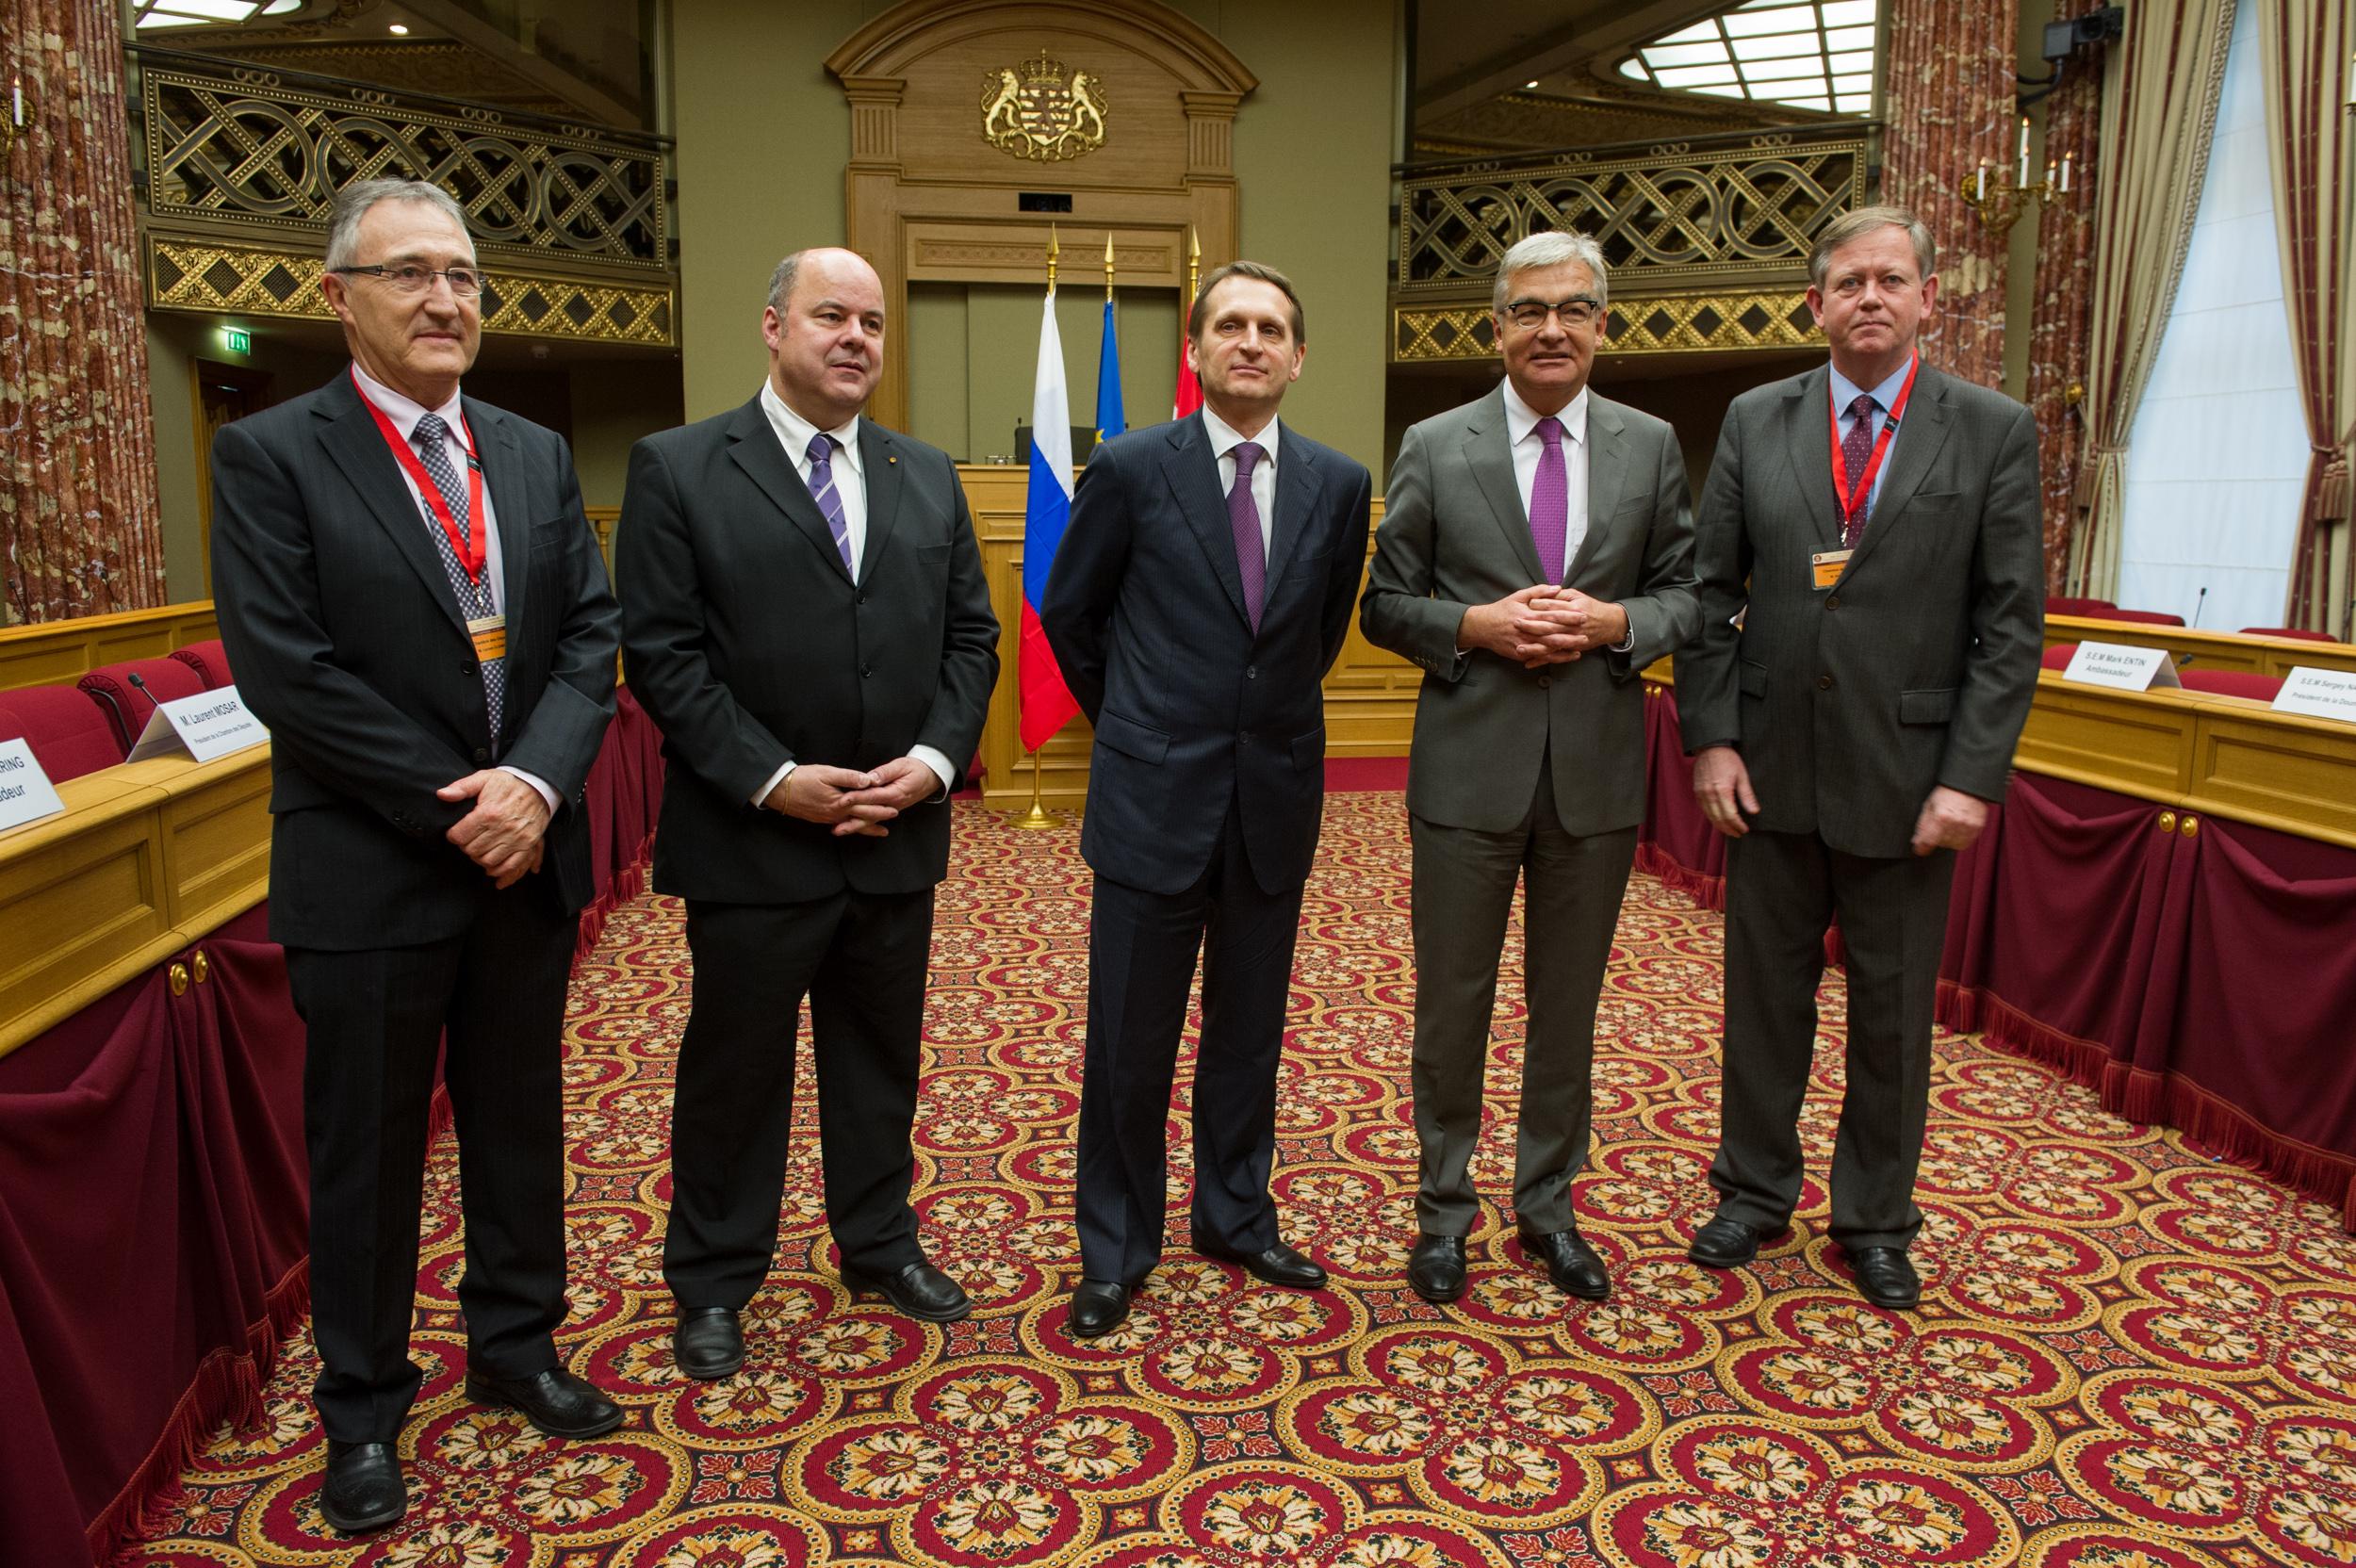 de g. à d: M. Lucien Clement, M. Marc Spautz, M. Naryshkin, Président de la Douma, M. Laurent Mosar, M. Alex Bodry ( Foto: Charles Caratini)